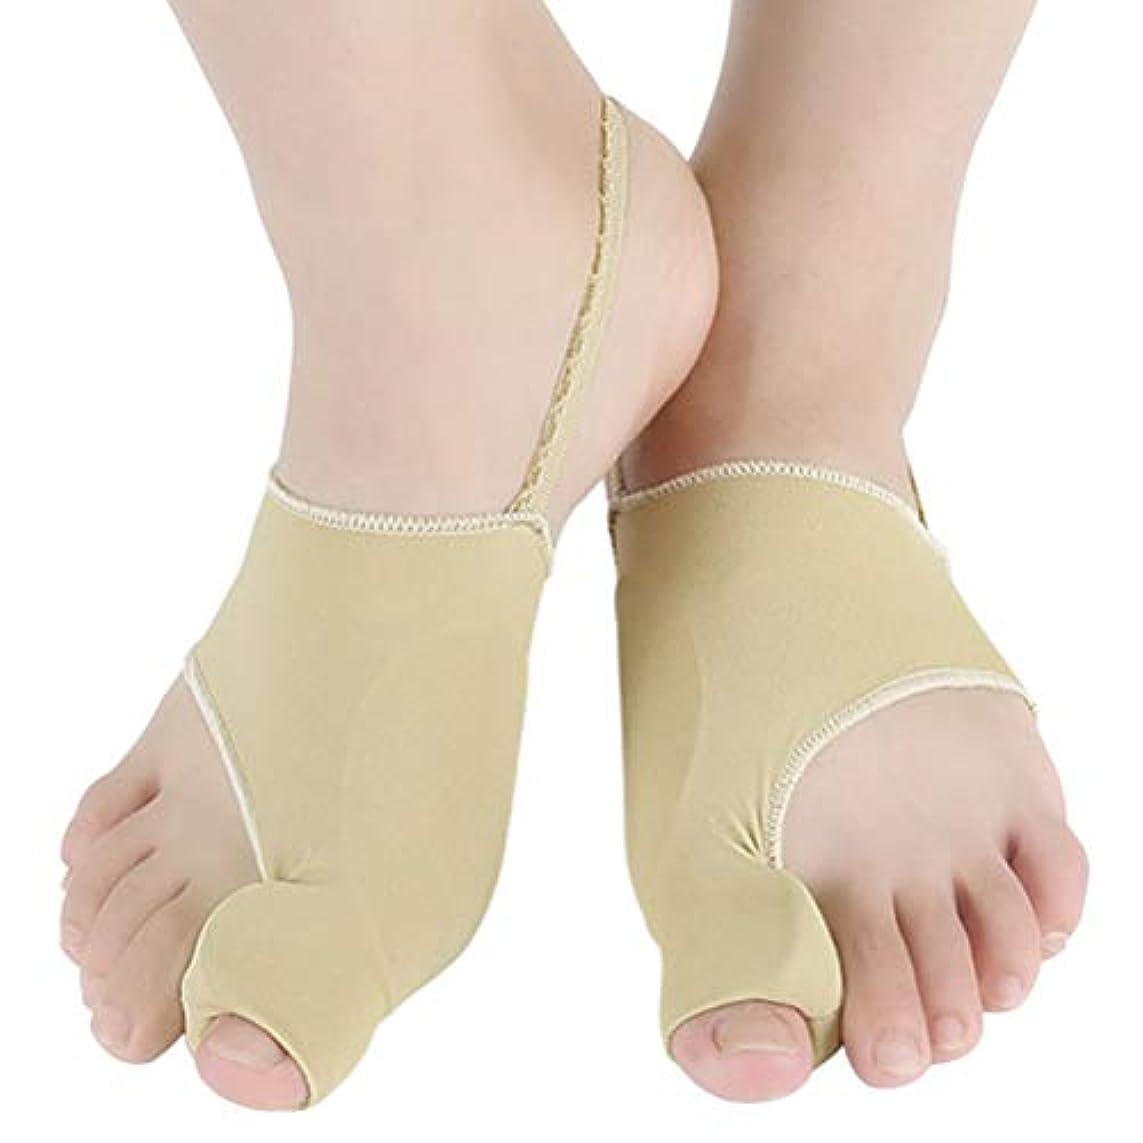 滑りやすい敬礼終了するHeallily 足首矯正用1対のつま先ブレース親指調整可能な腱膜プロテクター副脚の母趾外反治療用(カーキサイズL)